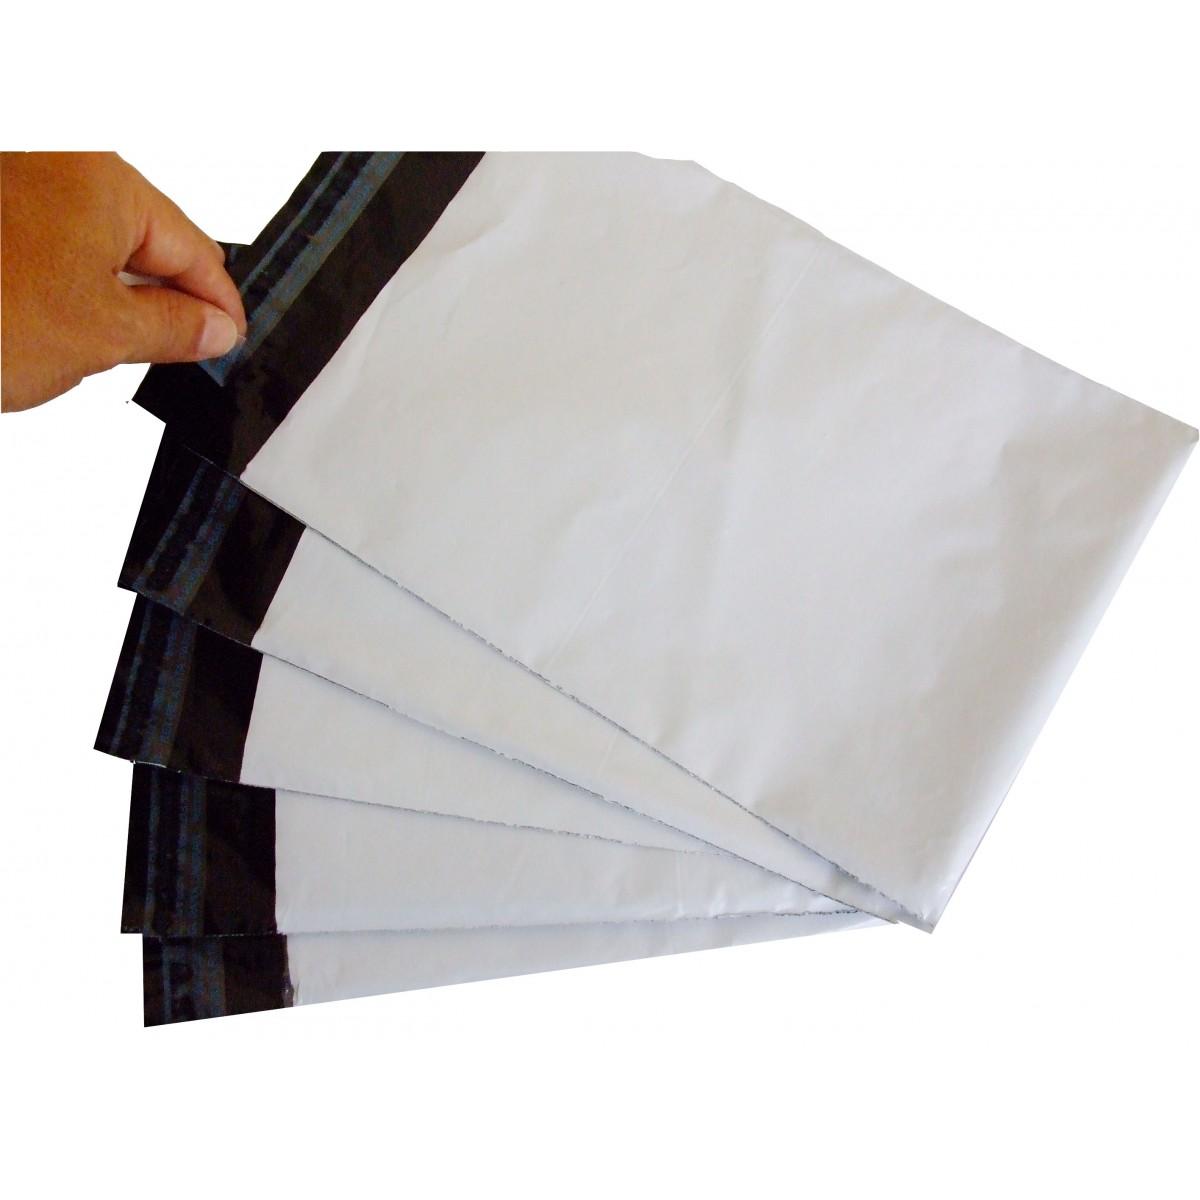 Envelope de Segurança Liso Branco L:70 X C:50 + 5 (Aba) cm